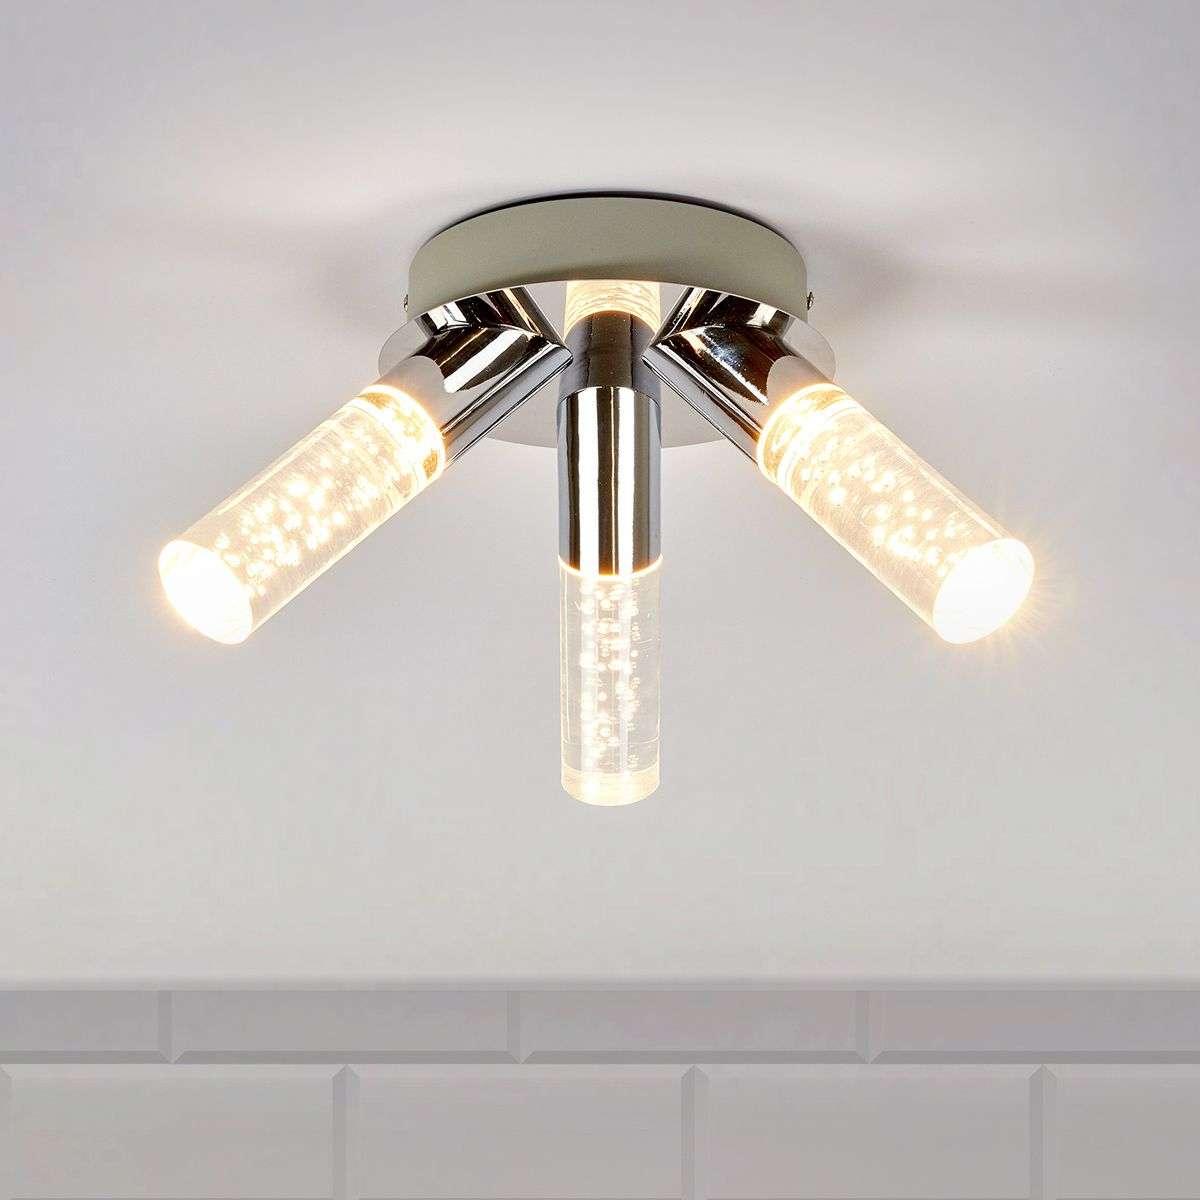 3 Light Duncan Bathroom Ceiling Light, LED